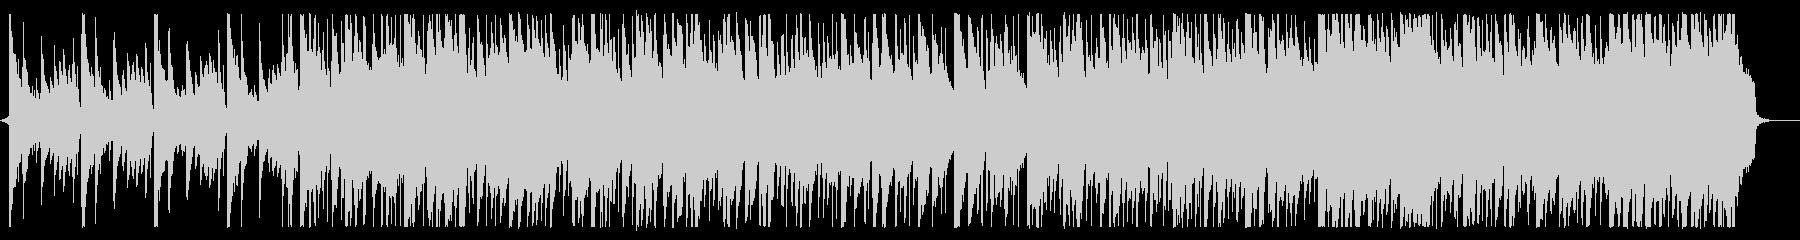 落ち着いた雰囲気のタイトルBGMの未再生の波形